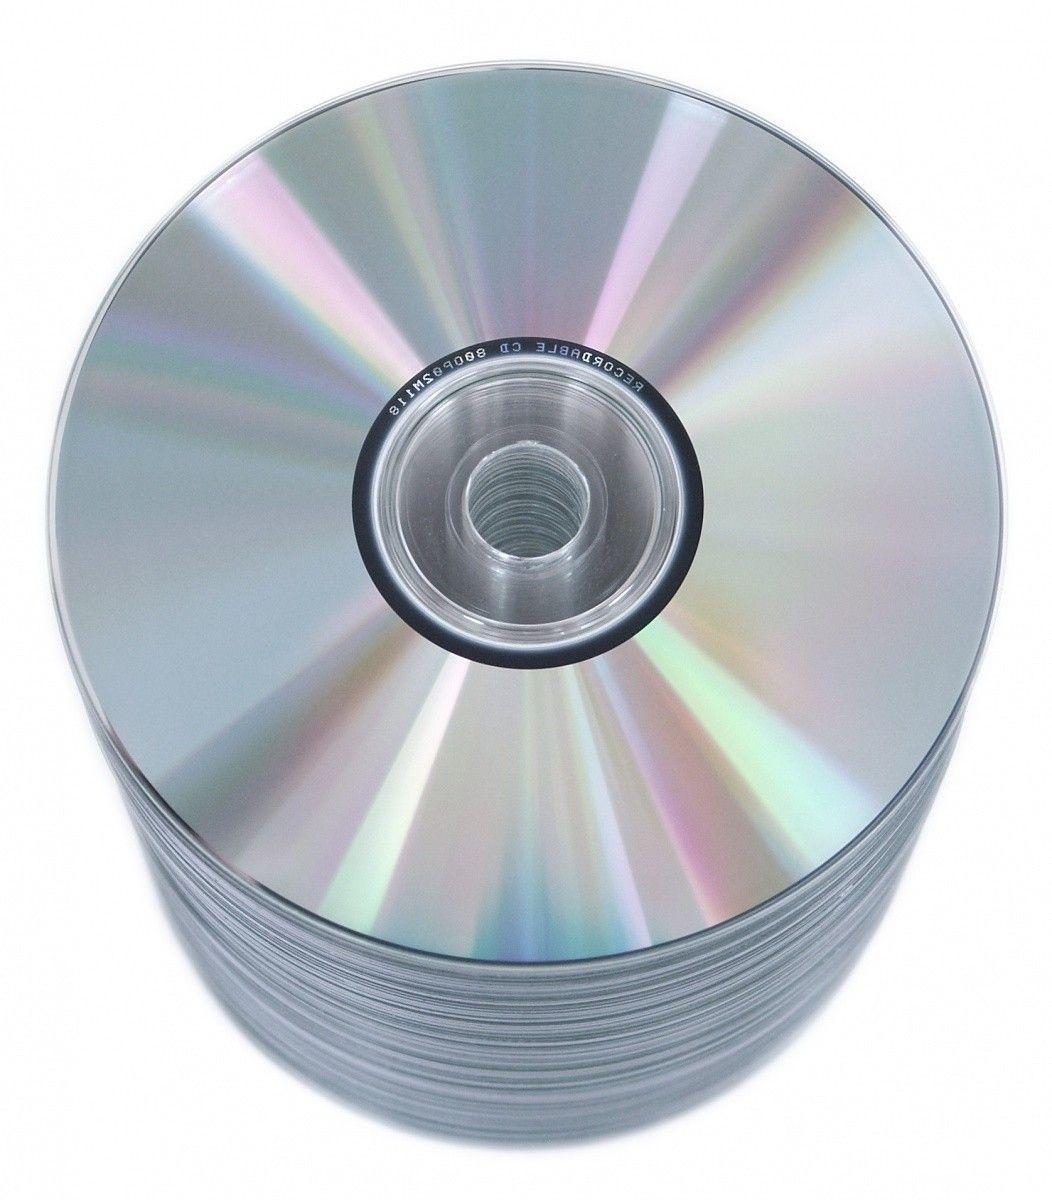 Esperanza CD-R 700 MB OEM MBI HQ BEZ NADRUKU